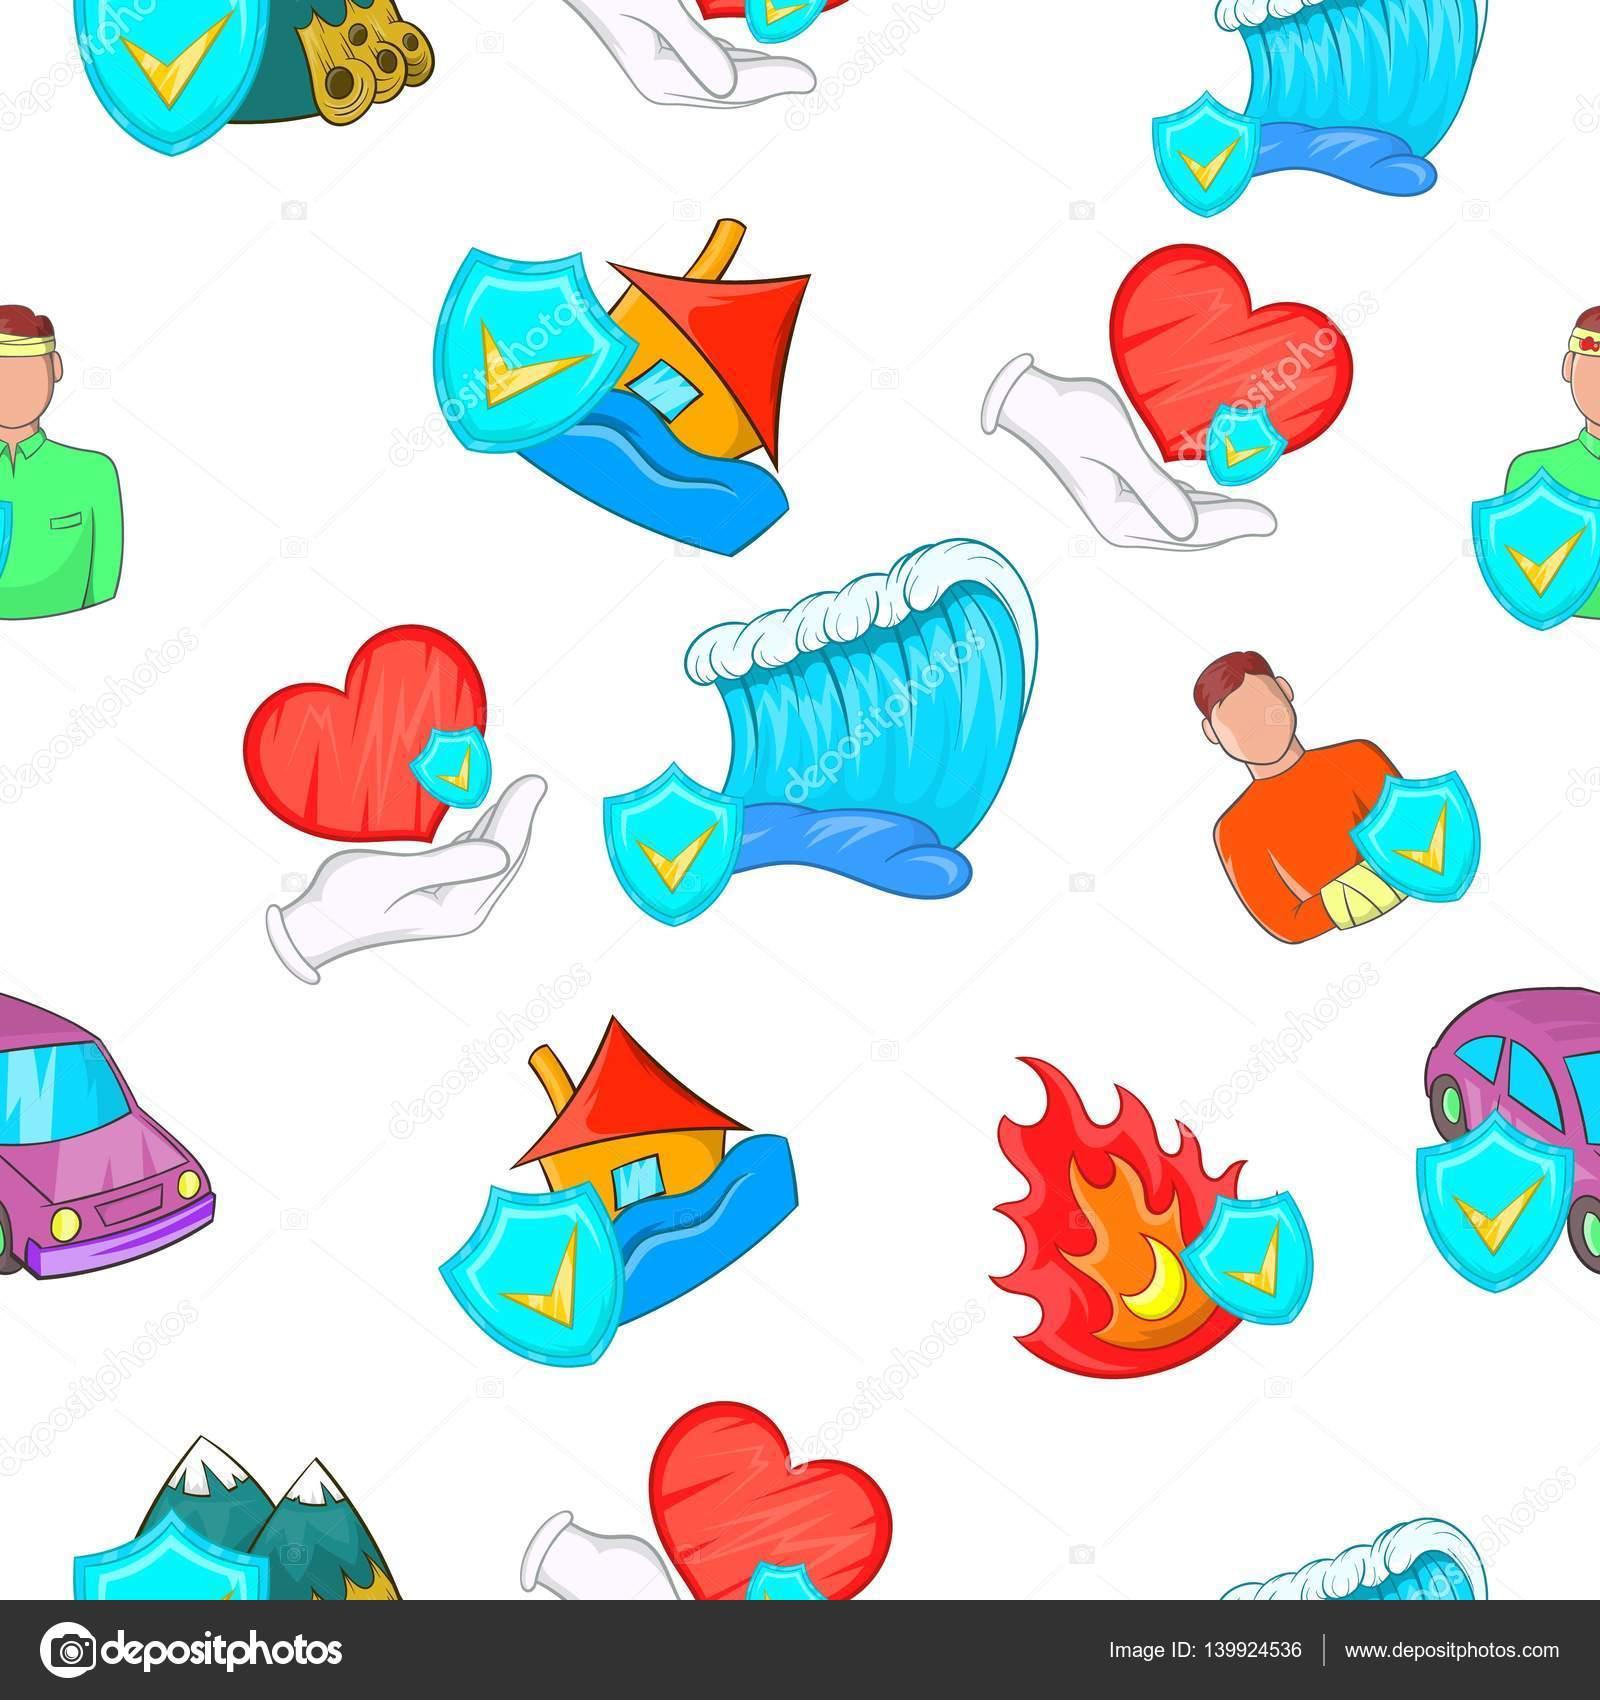 Patrón de incidentes, estilo de dibujos animados — Archivo Imágenes ...